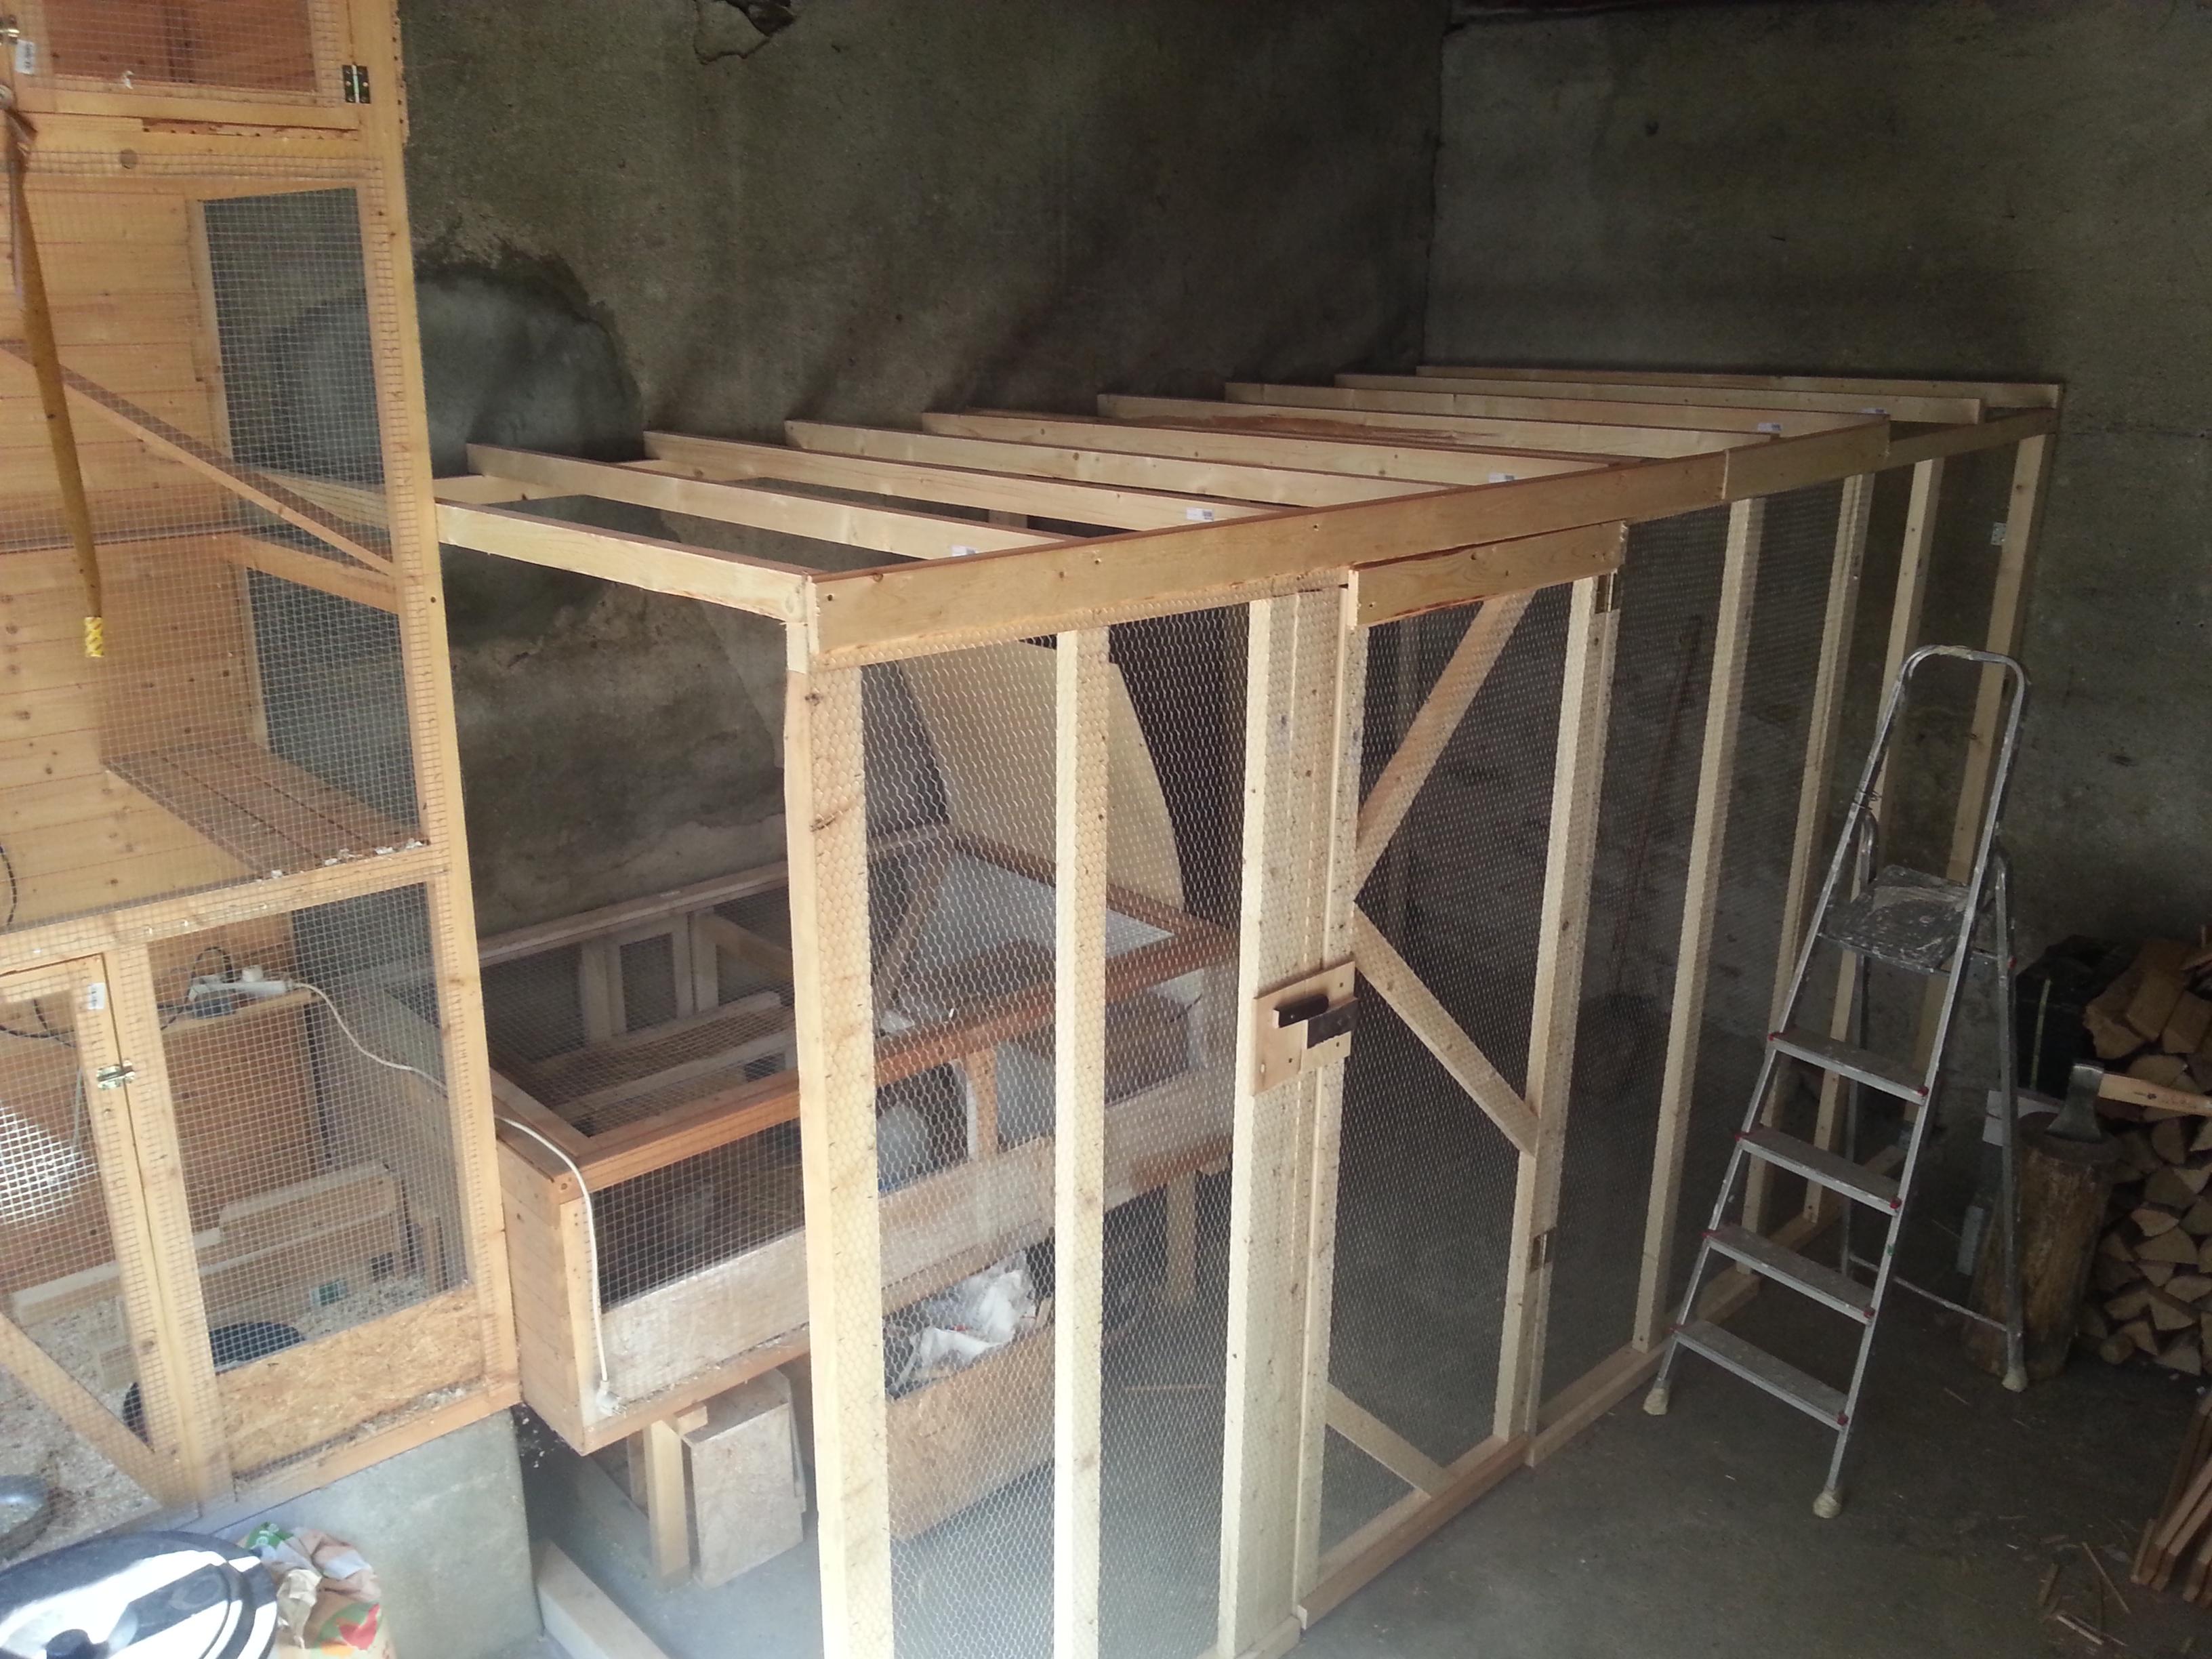 ein gr erer wachtelstall semiautark. Black Bedroom Furniture Sets. Home Design Ideas